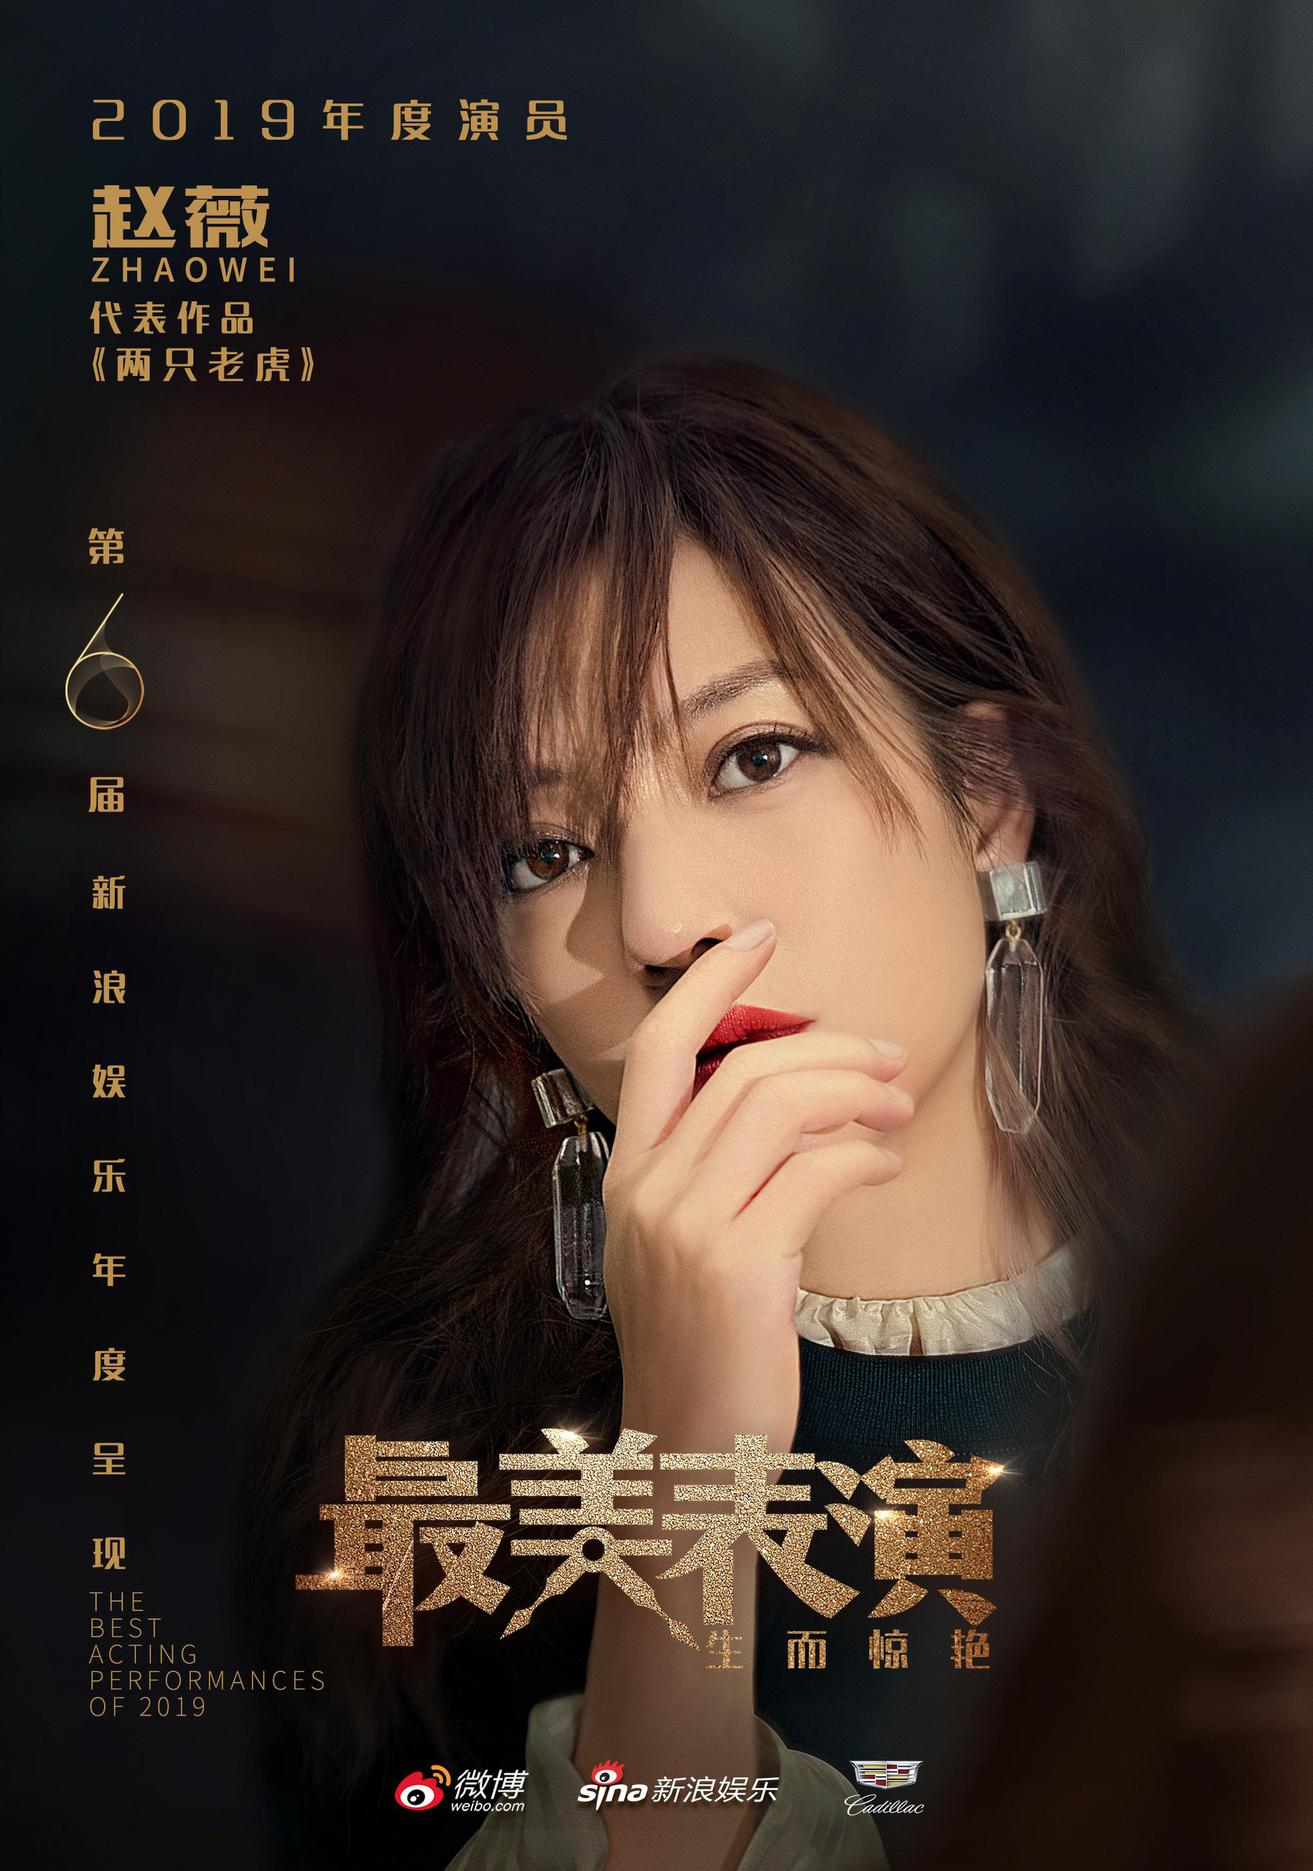 2019最美表演-趙薇